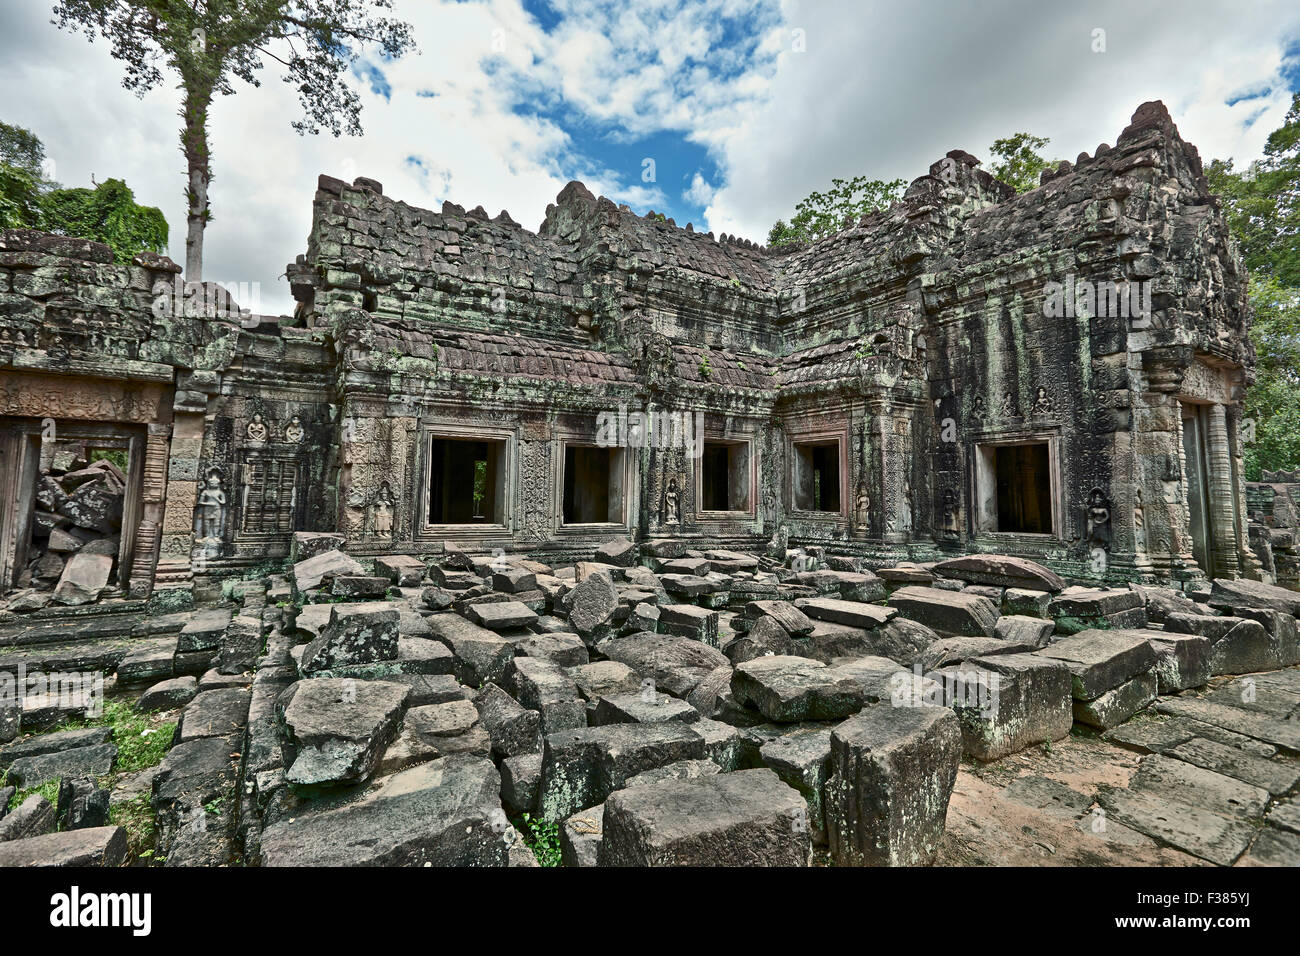 Preah Khan Tempel. Angkor archäologischer Park, Siem Reap Provinz, Kambodscha. Stockbild